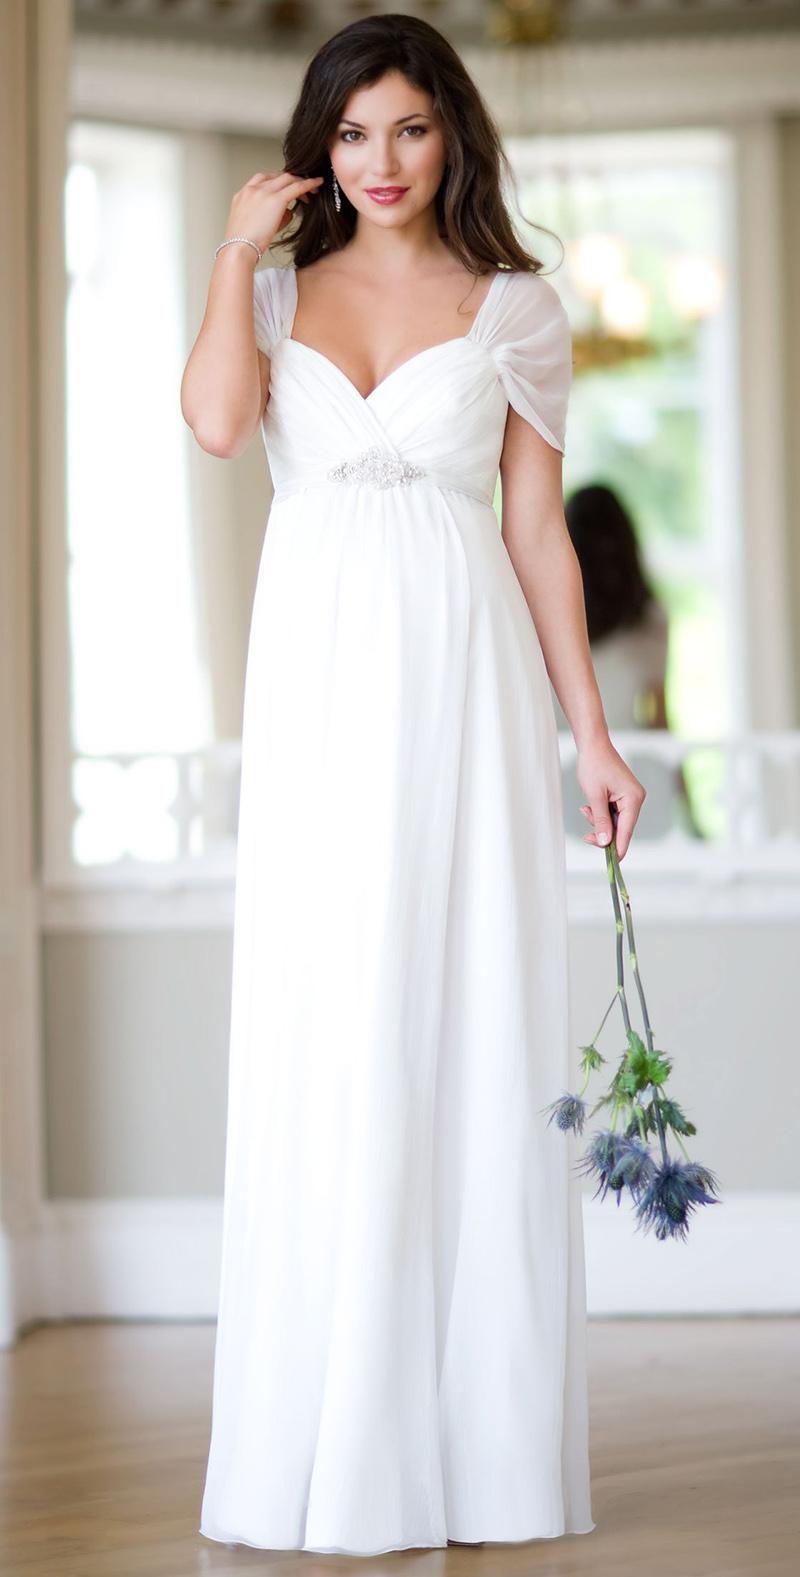 Длинное белое платье для беременных – фото новинки сезона